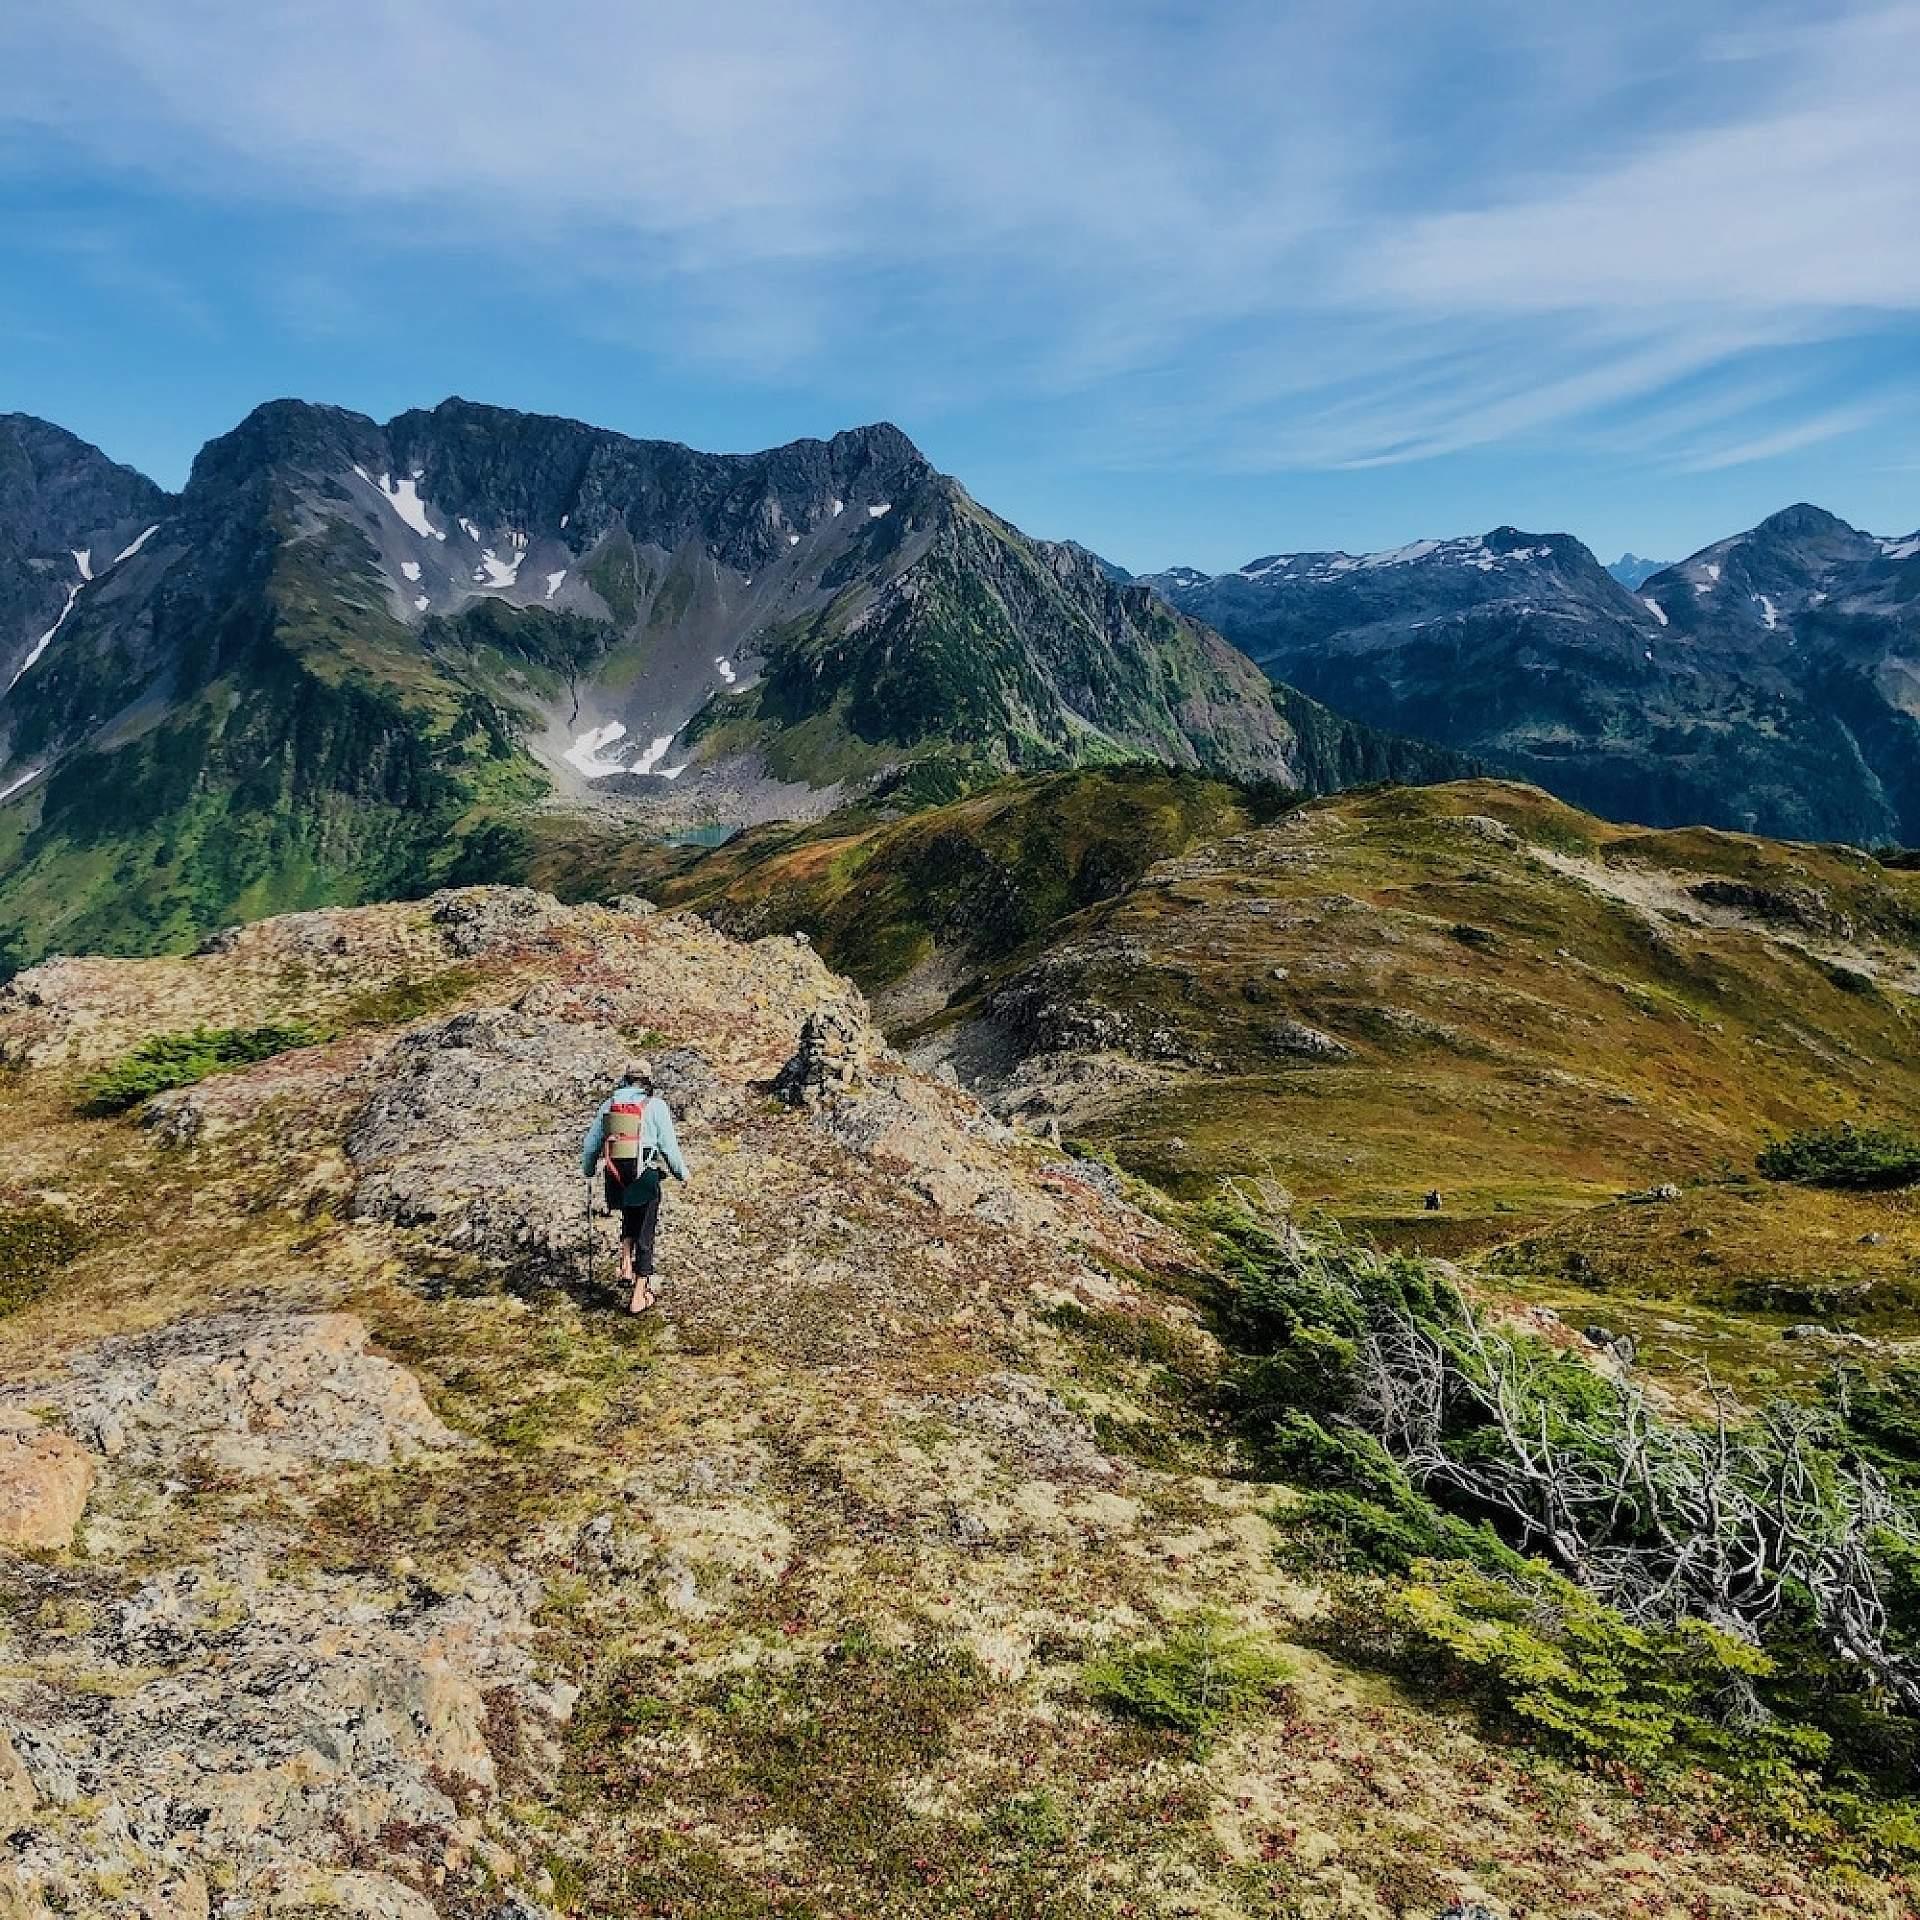 The Alice Smith Intertie Trail